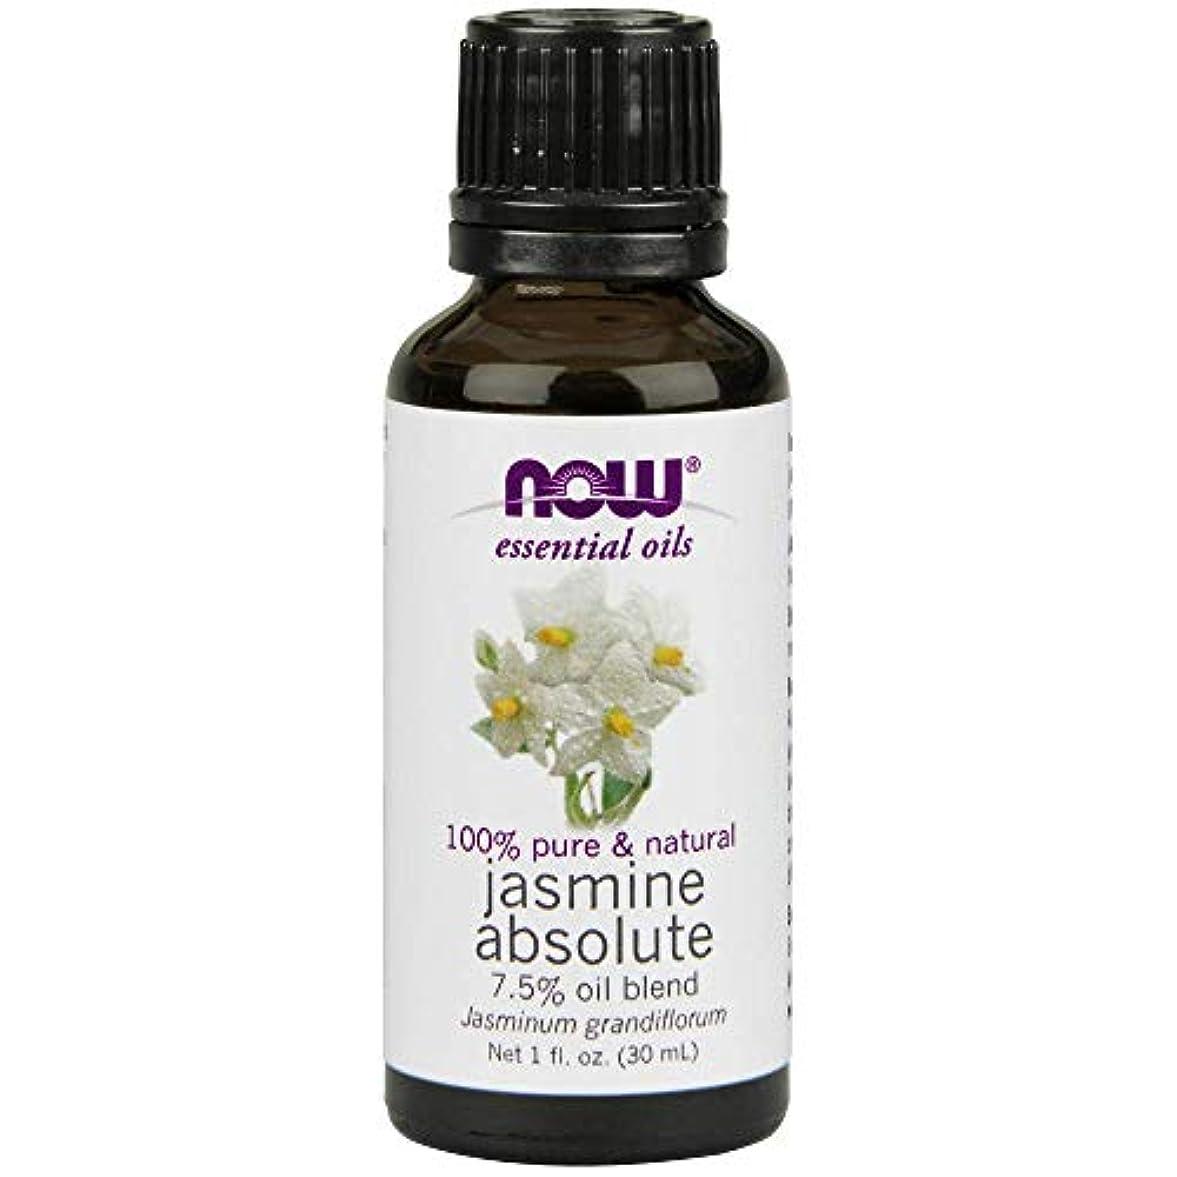 追記生命体悲観主義者Now - Jasmine Absolute Oil 7.5% Oil Blend 1 oz (30 ml) [並行輸入品]